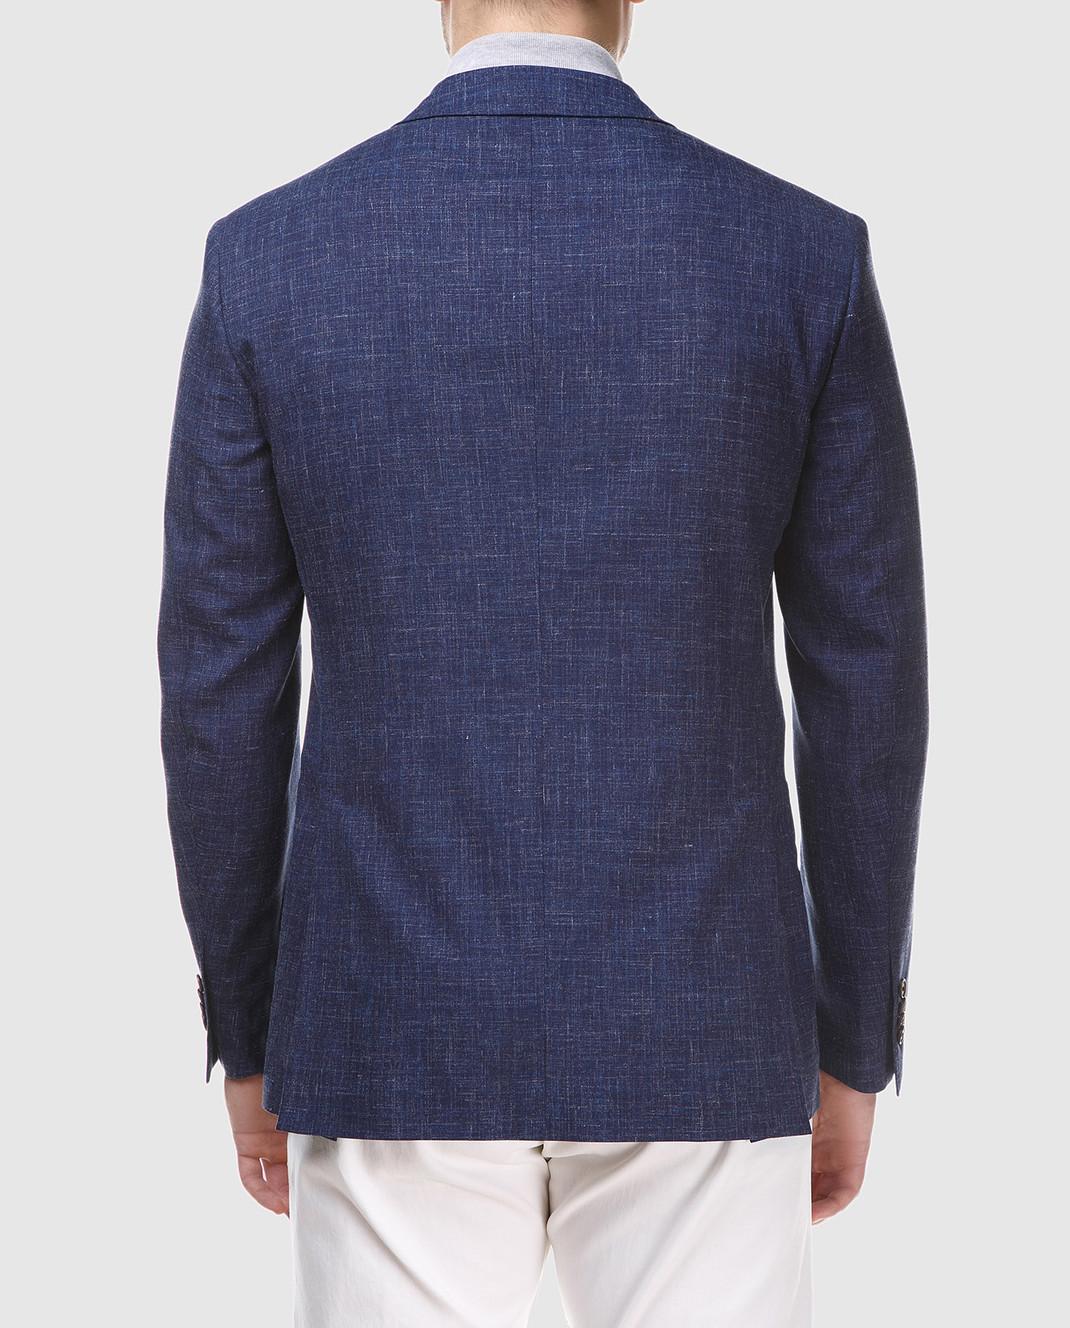 Luciano Barbera Темно-синий блейзер из шерсти и льна 111A2518164 изображение 3